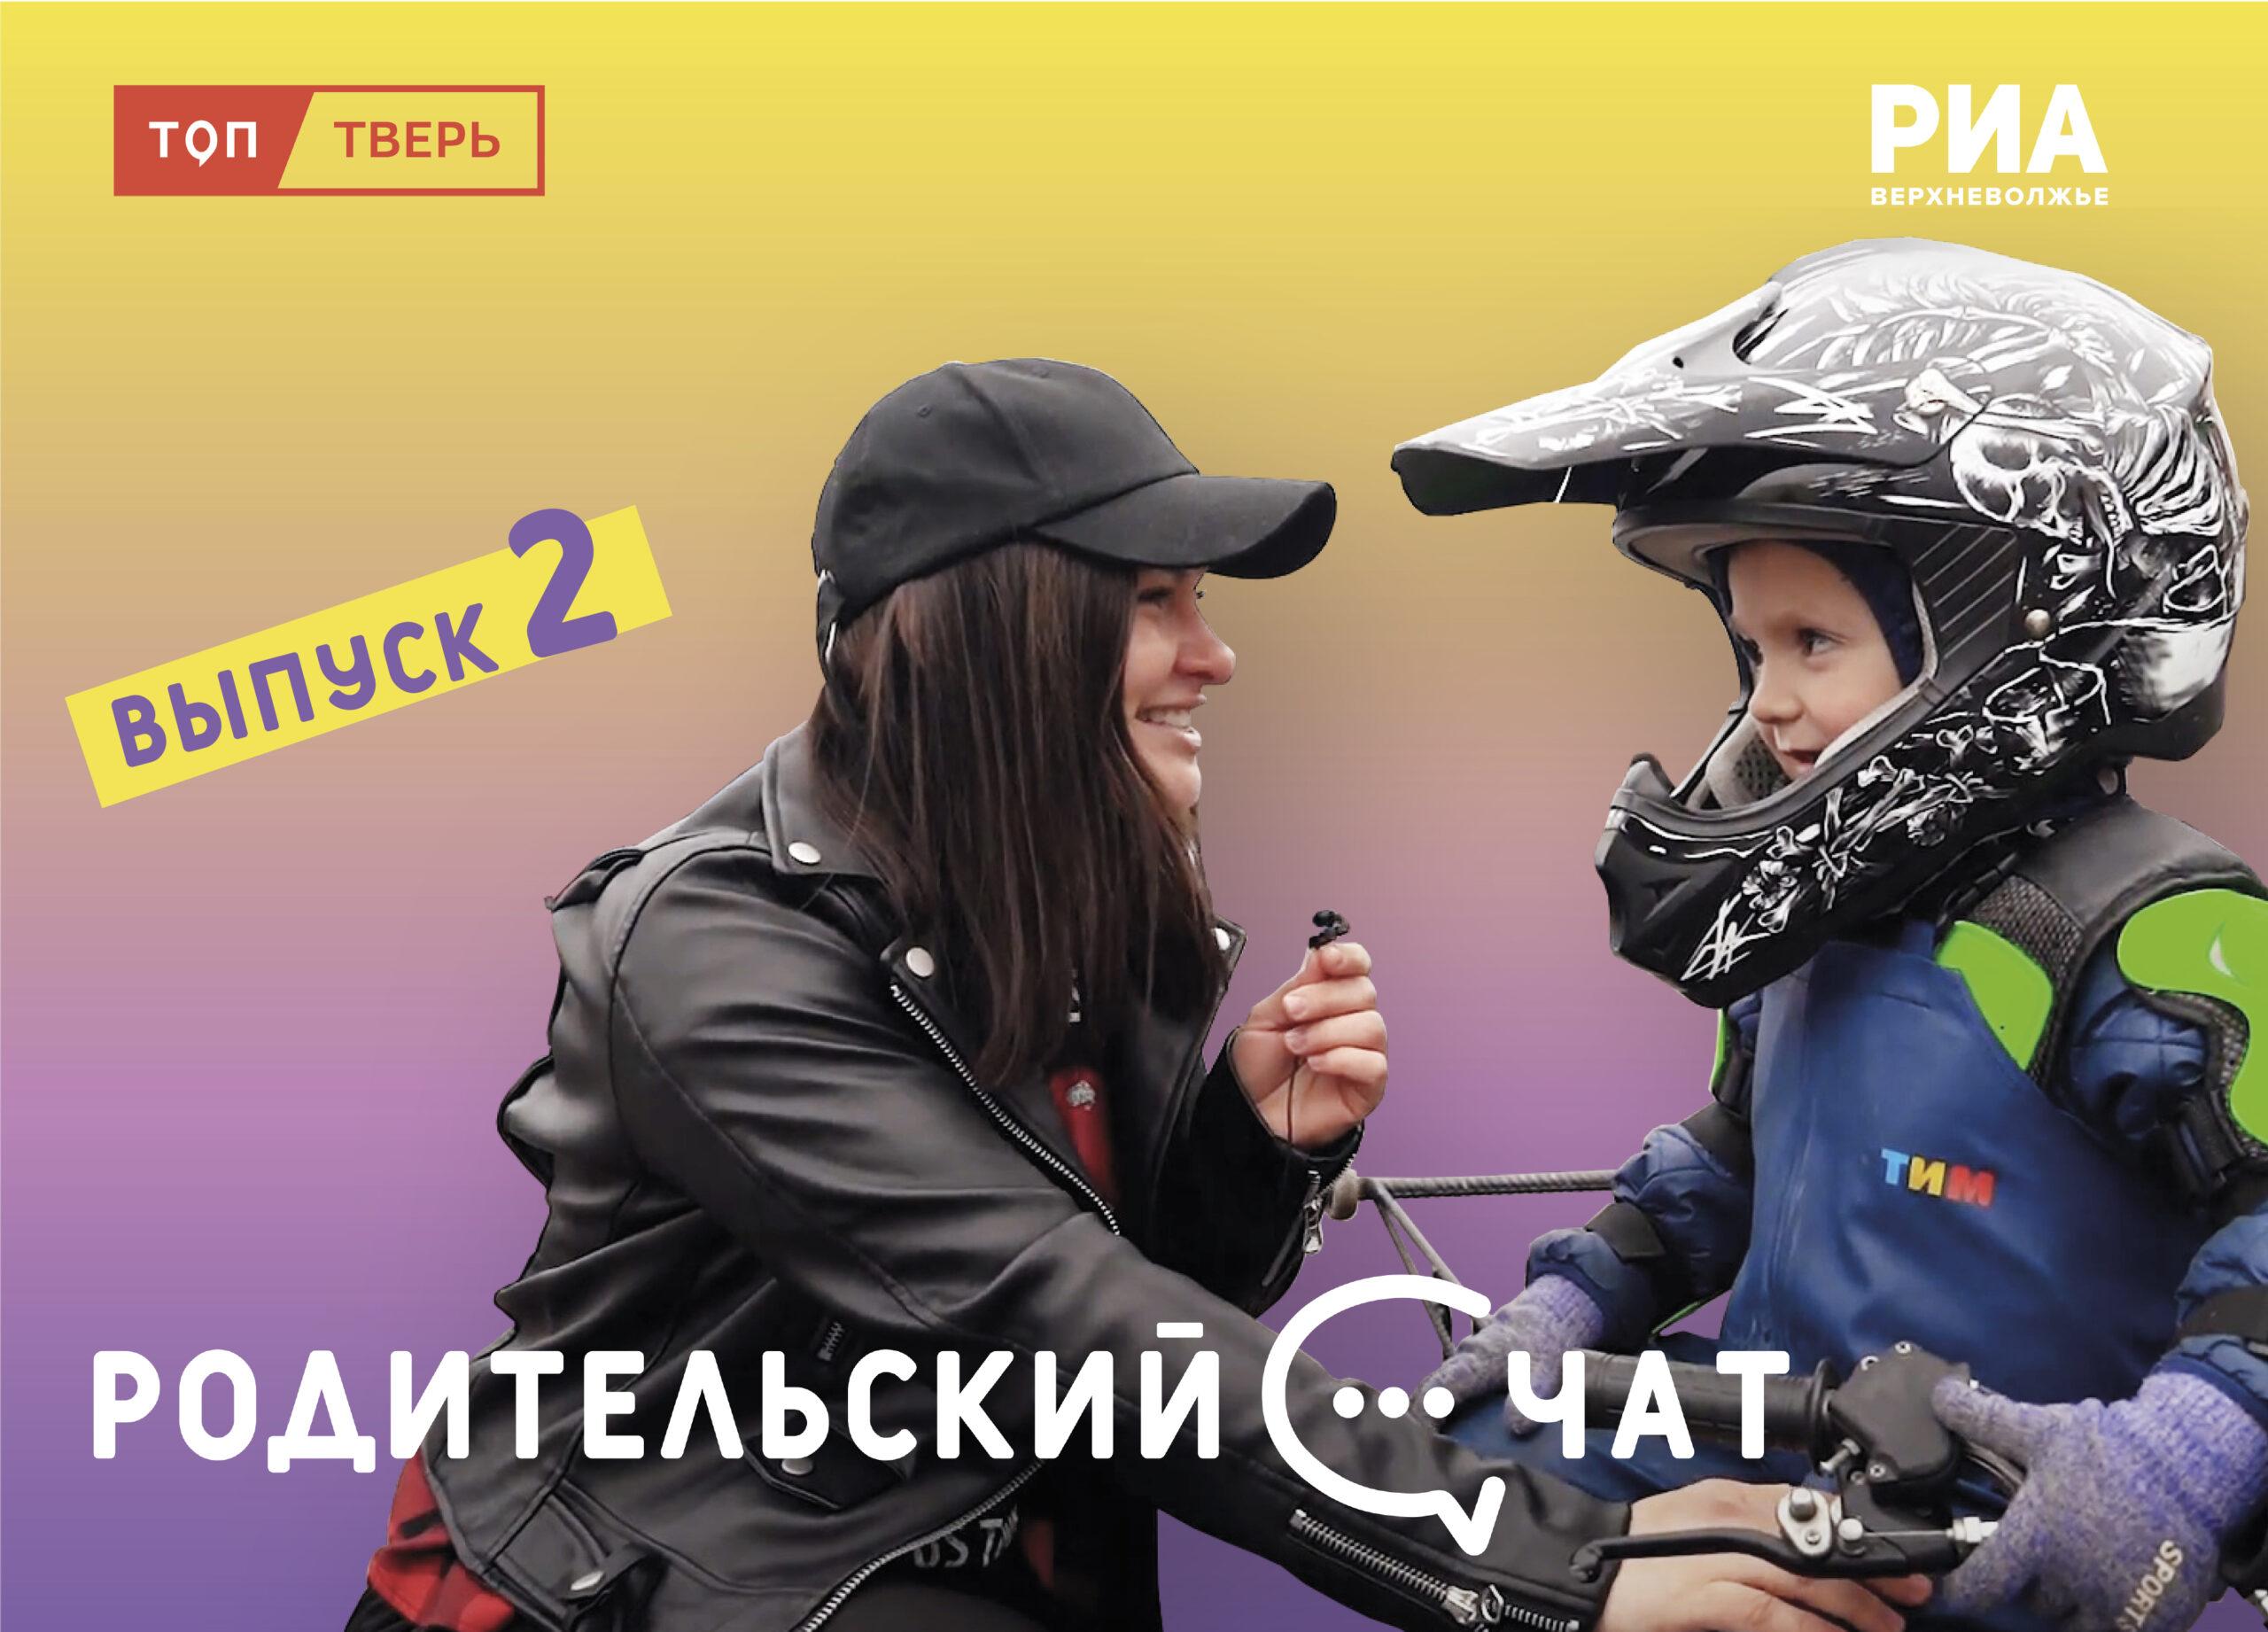 """Сквиш, поп-ит и мотоциклы: вышел новый выпуск """"Родительского чата"""""""